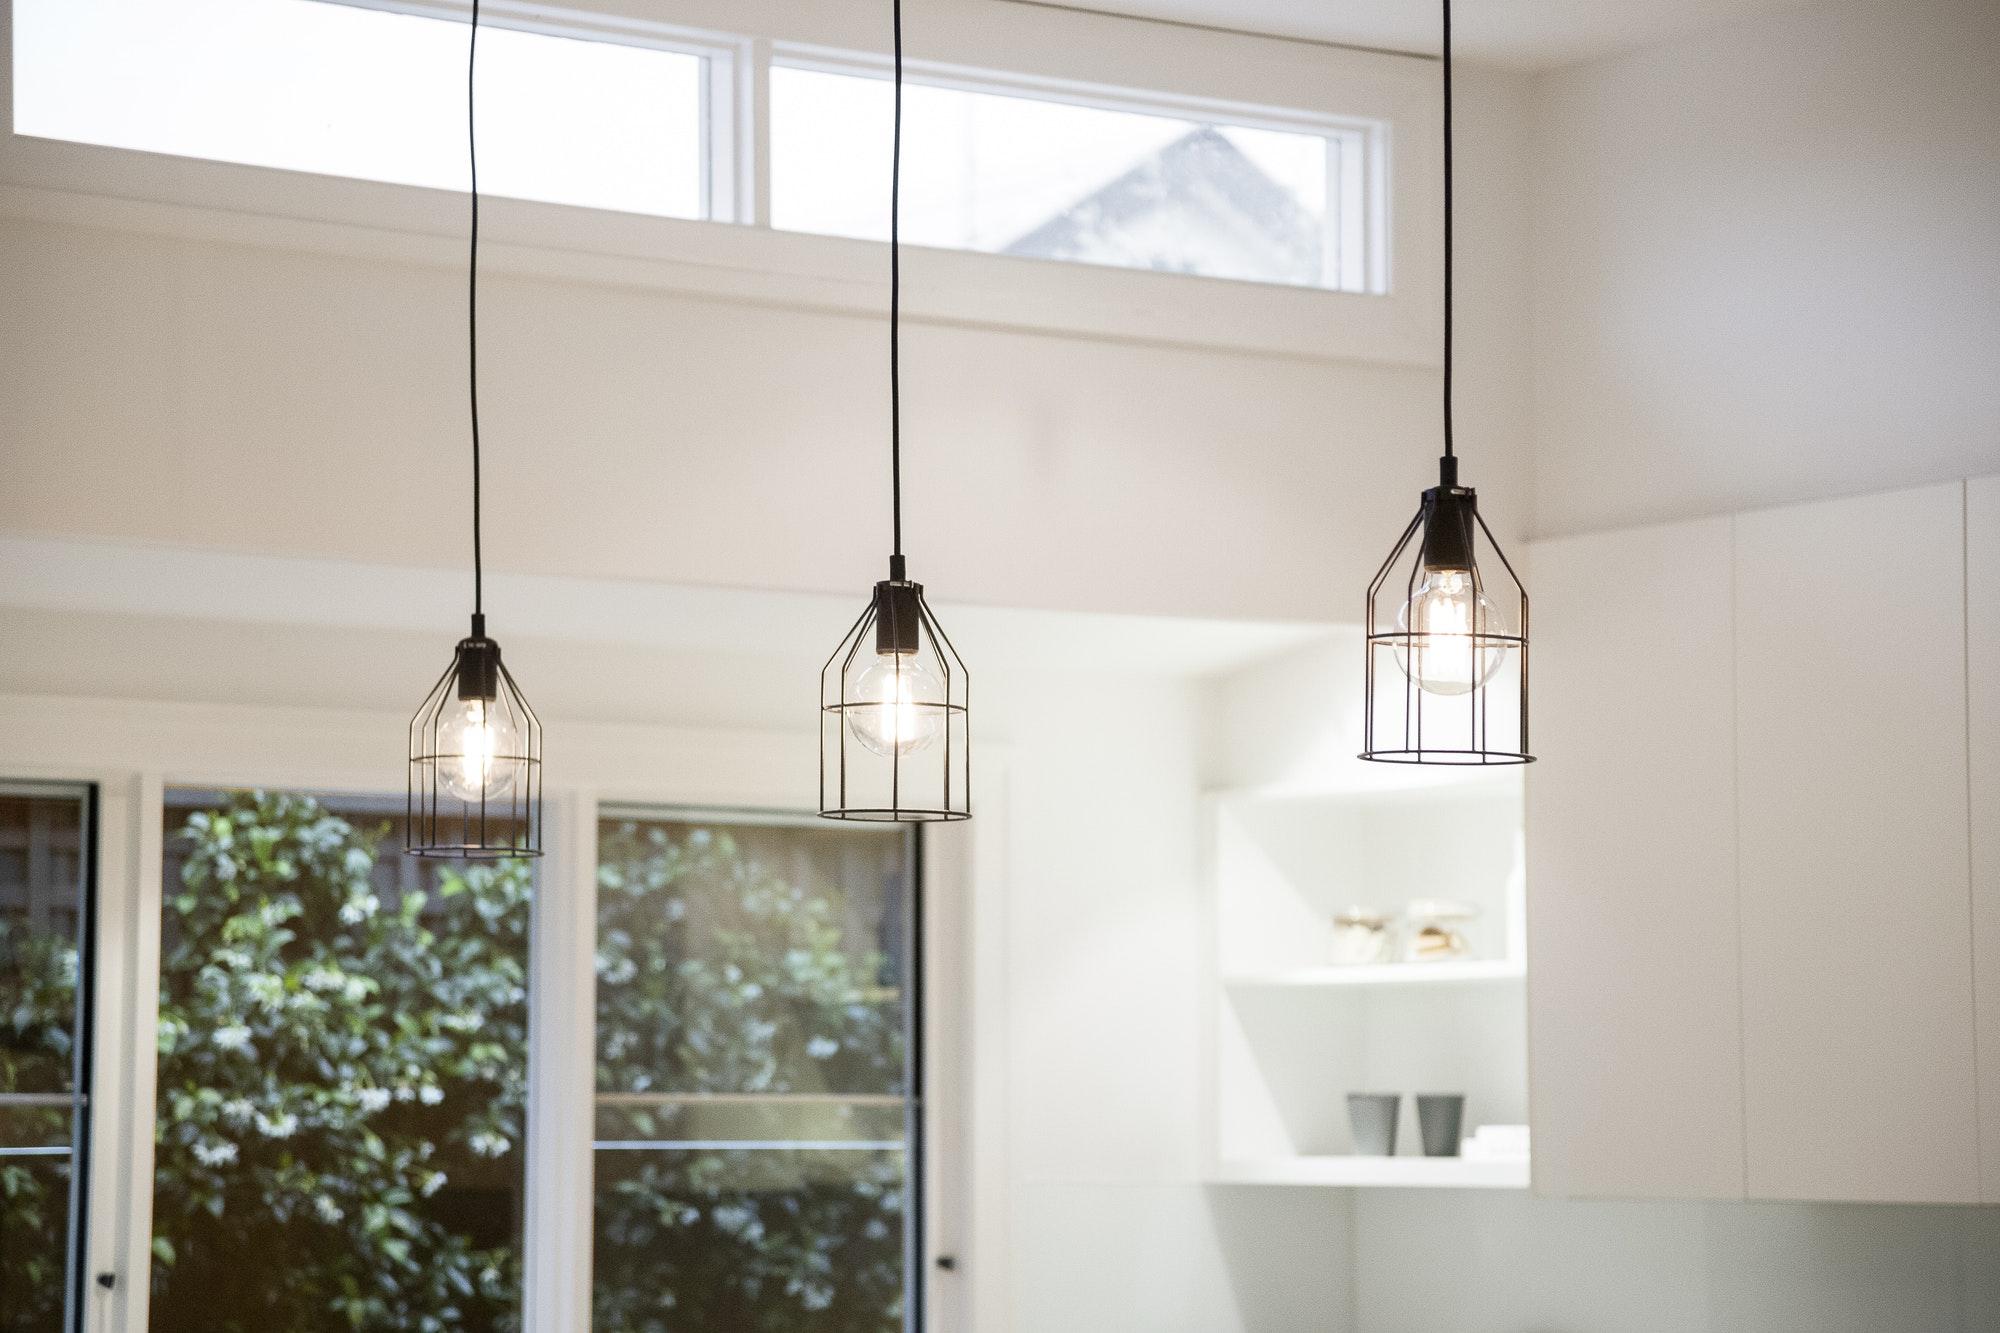 Nyt lampeudtag & lampeopsætning er en service vi er glade for hos Autoriseret elektriker i København & Nordsjælland - Få en fast pris hos os